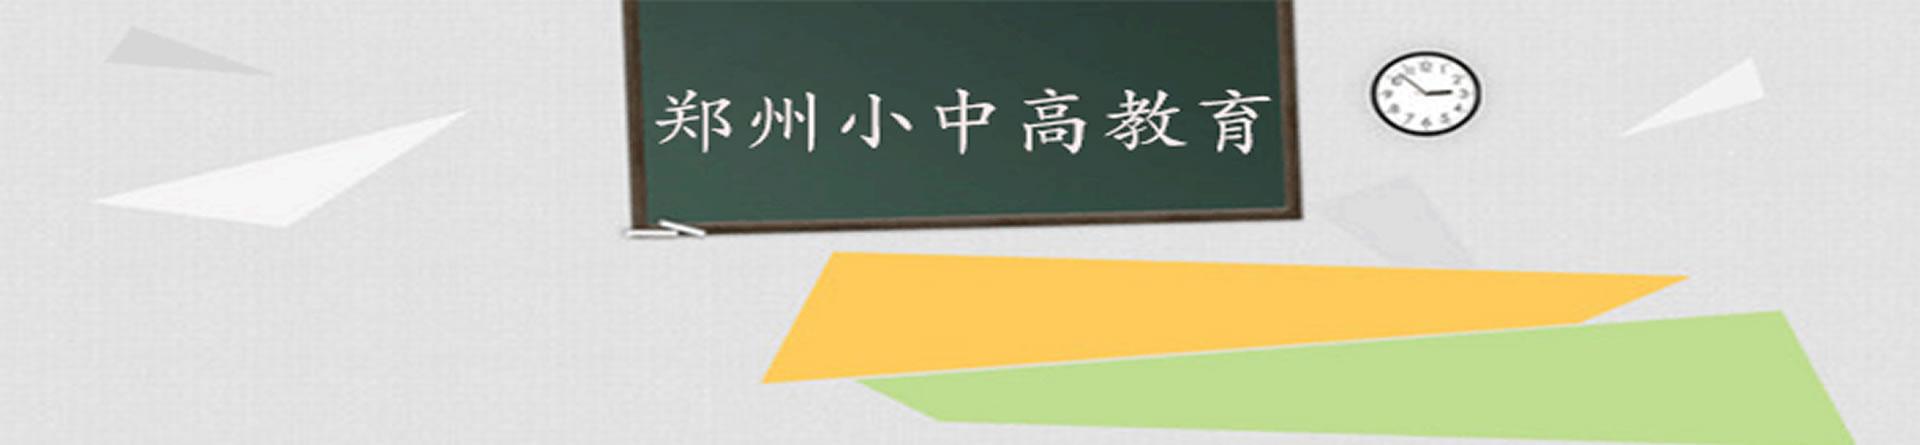 郑州中豫慧之源教育